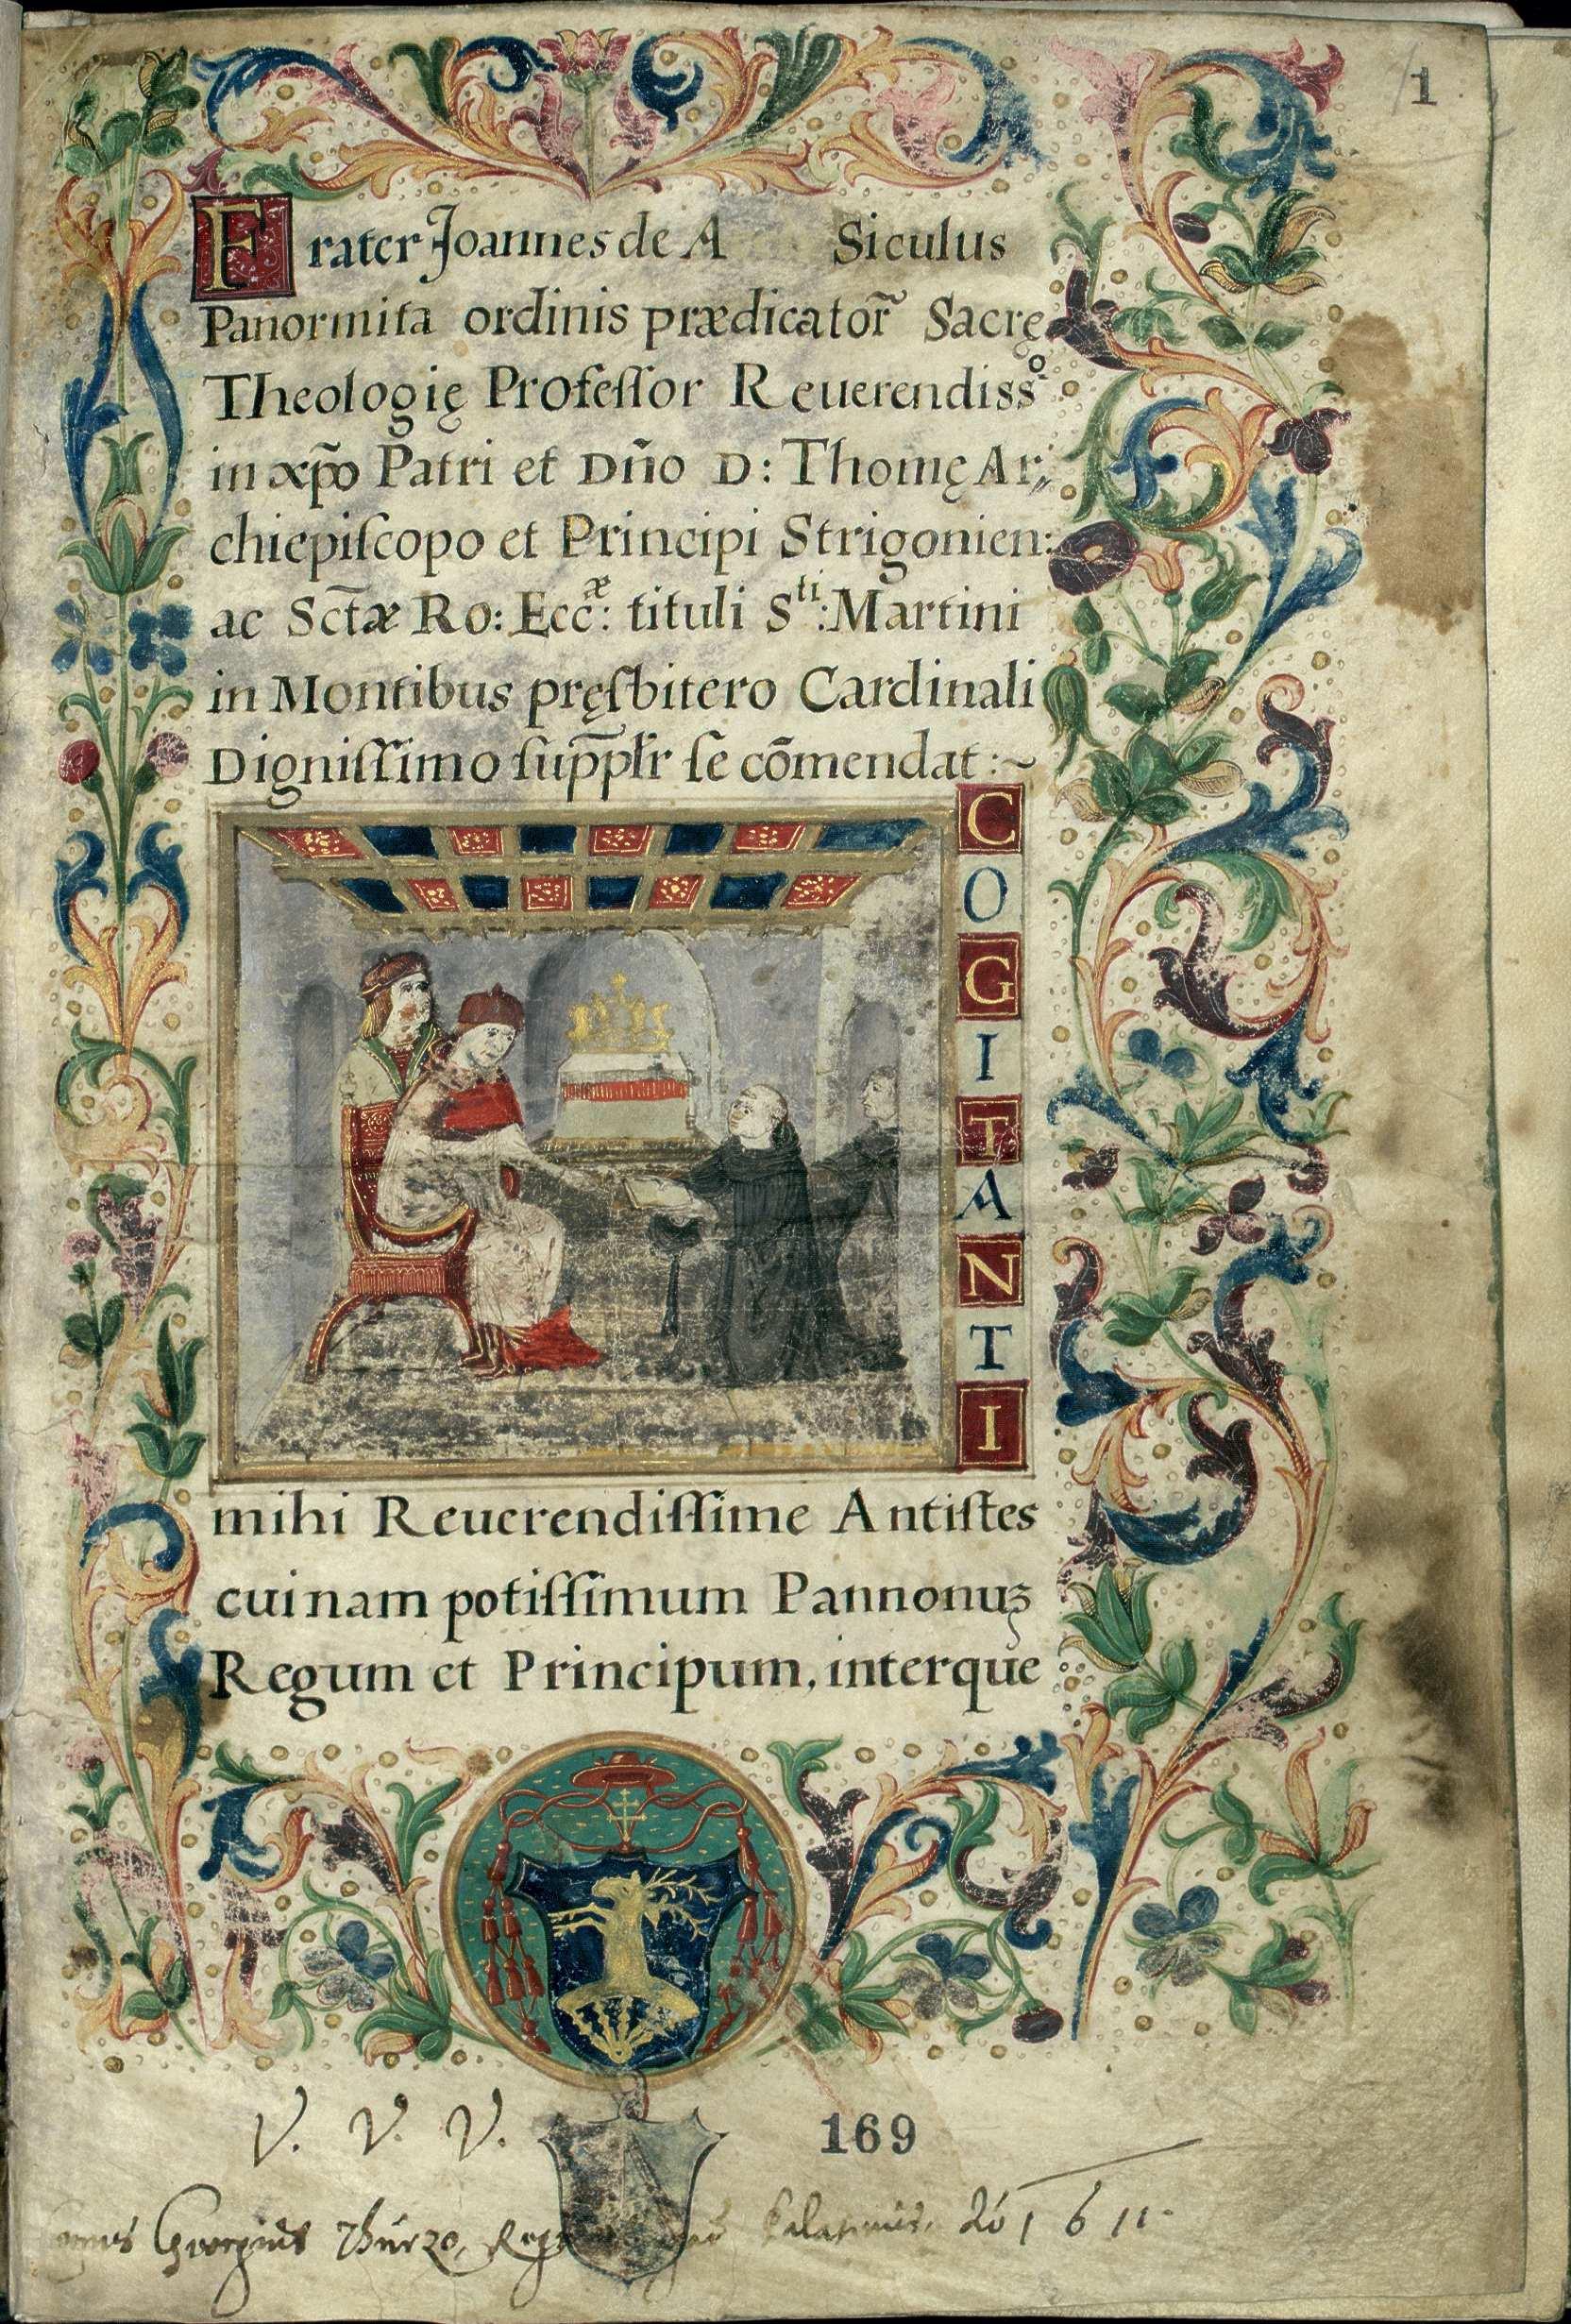 7. kép: Ransanus-corvina, másodlagos címlap – Kézirattár, Cod. Lat. 249., f. 1r